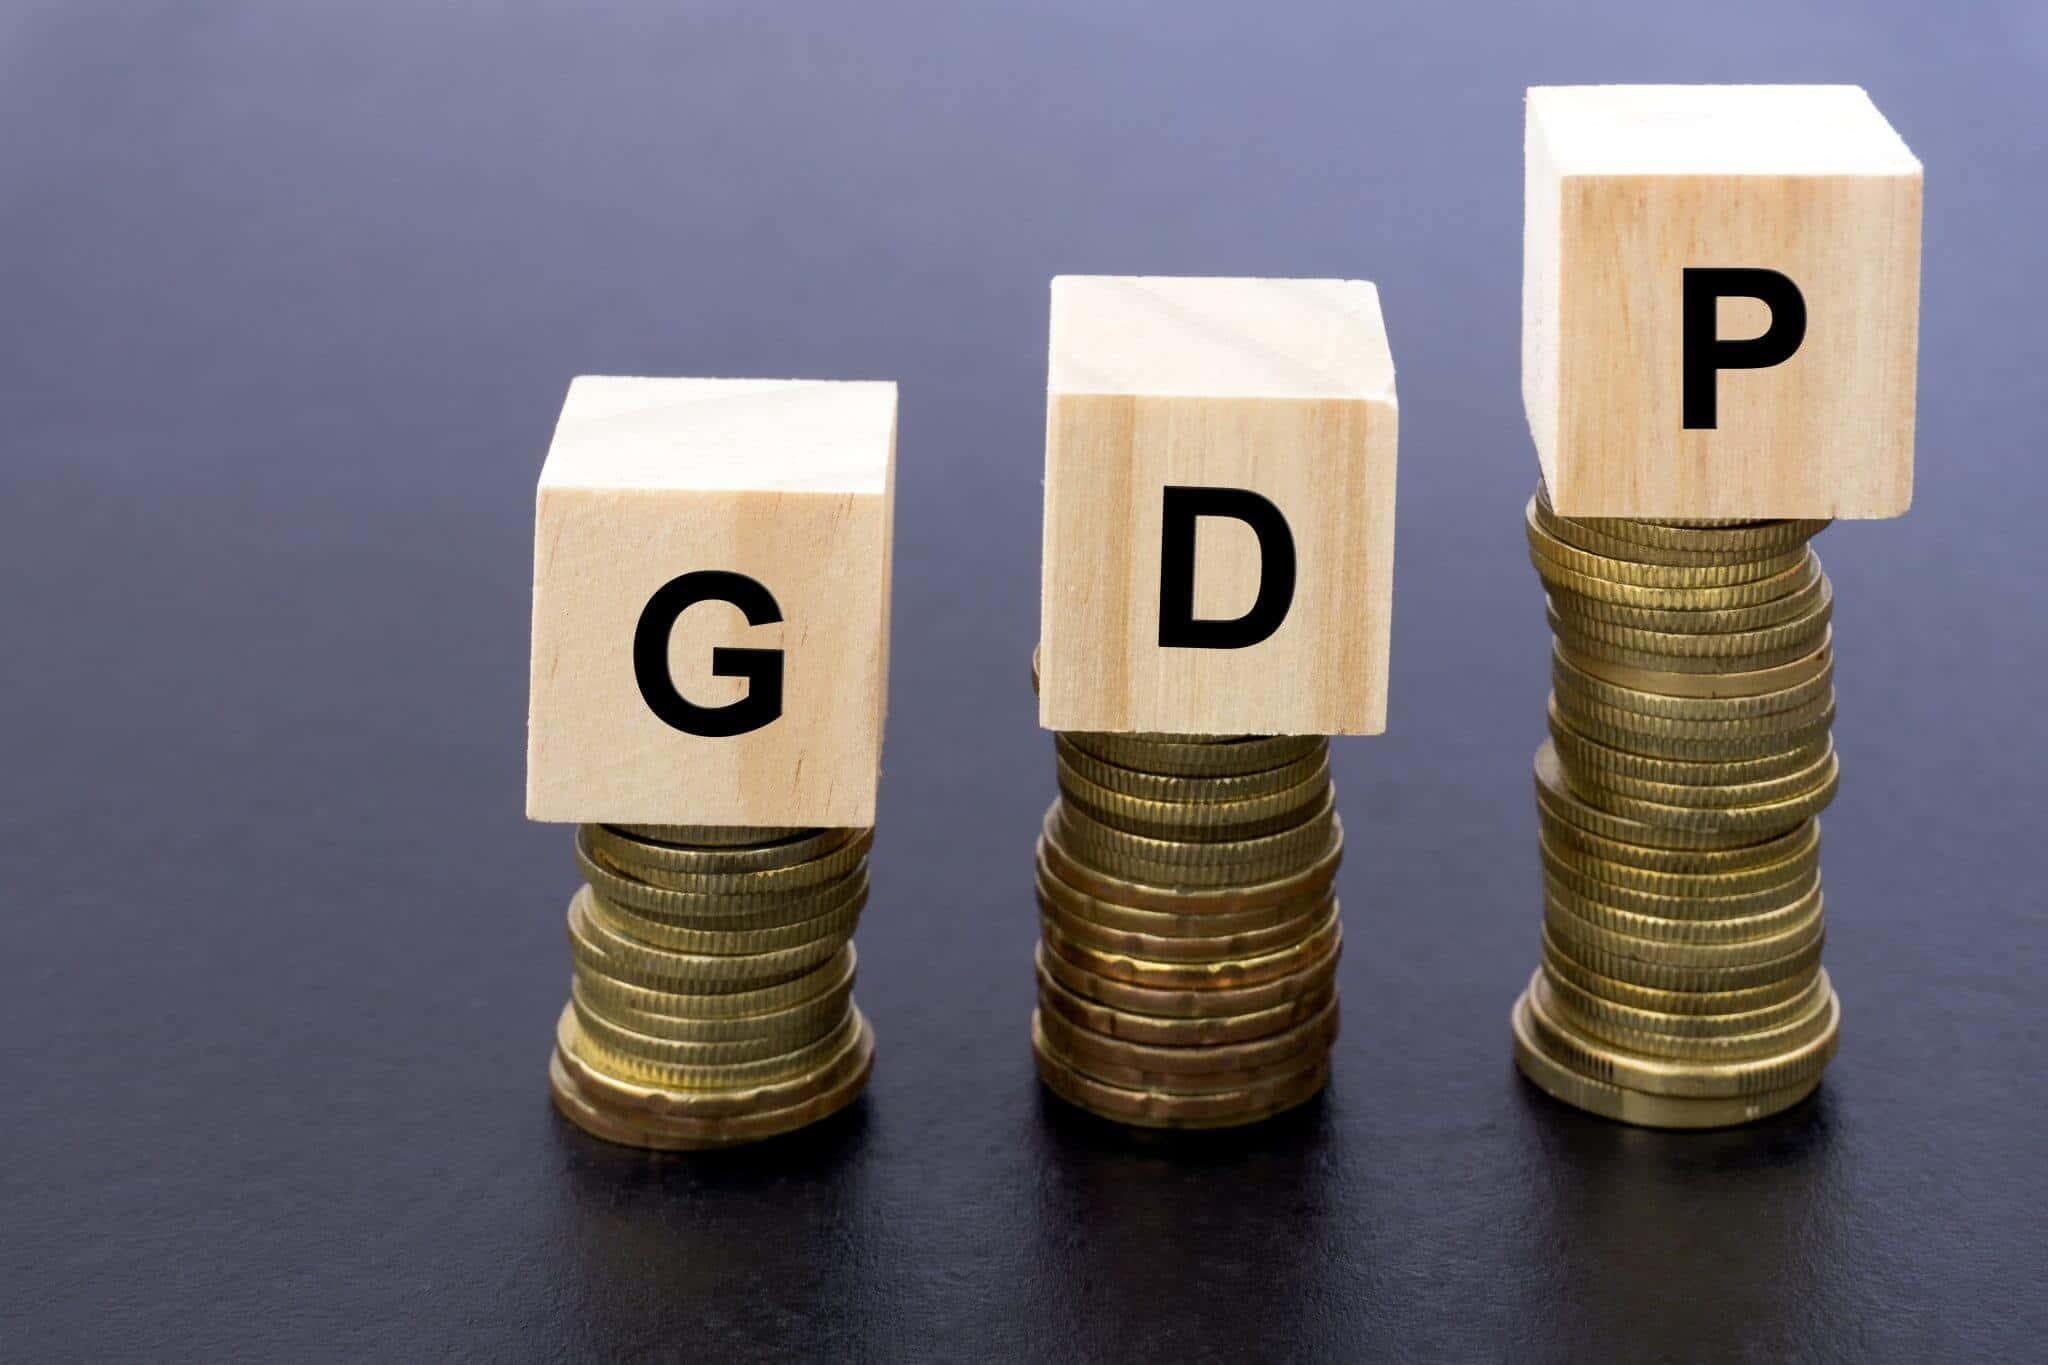 Indias GDP